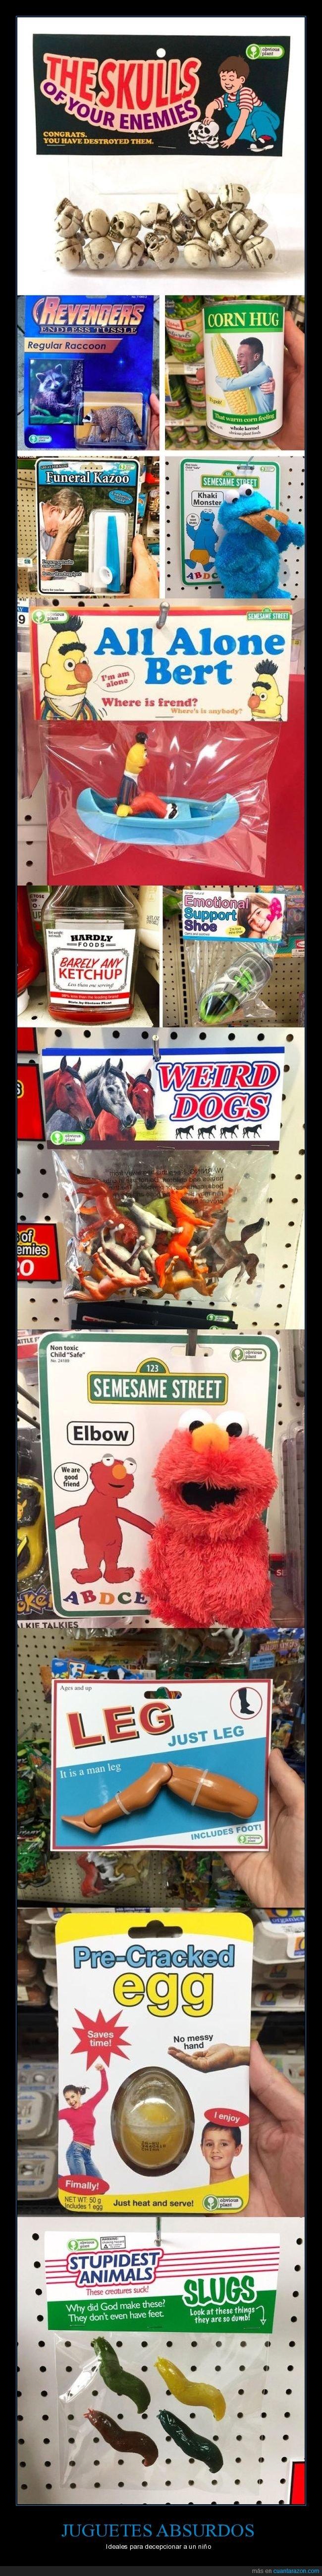 absurdos,juguetes,wtf